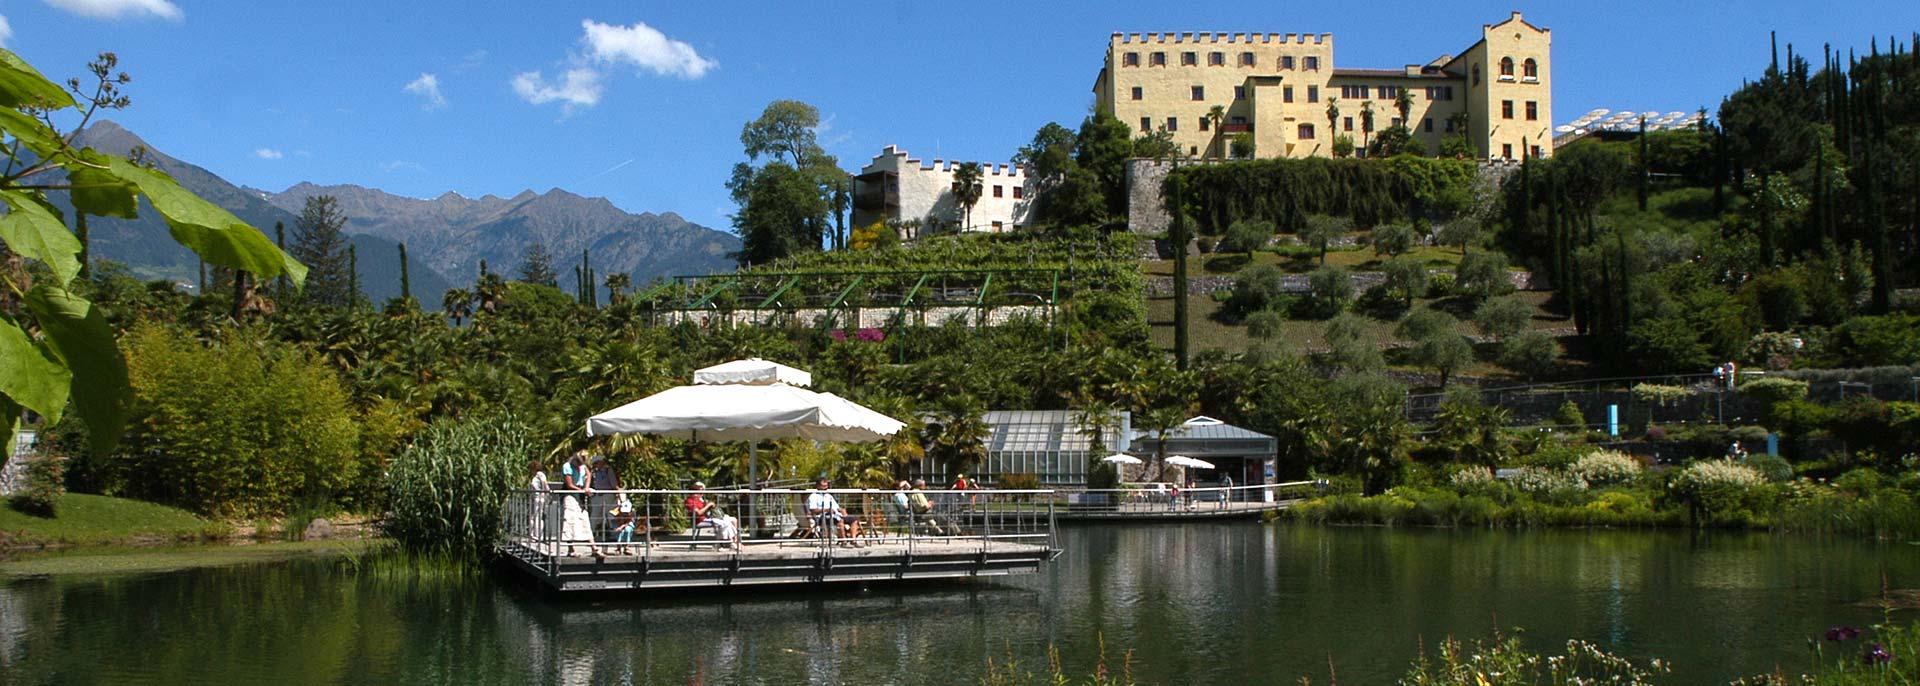 Die Gärten von Schloss Trauttmansdorff: ganz in der Nähe von Kaltern